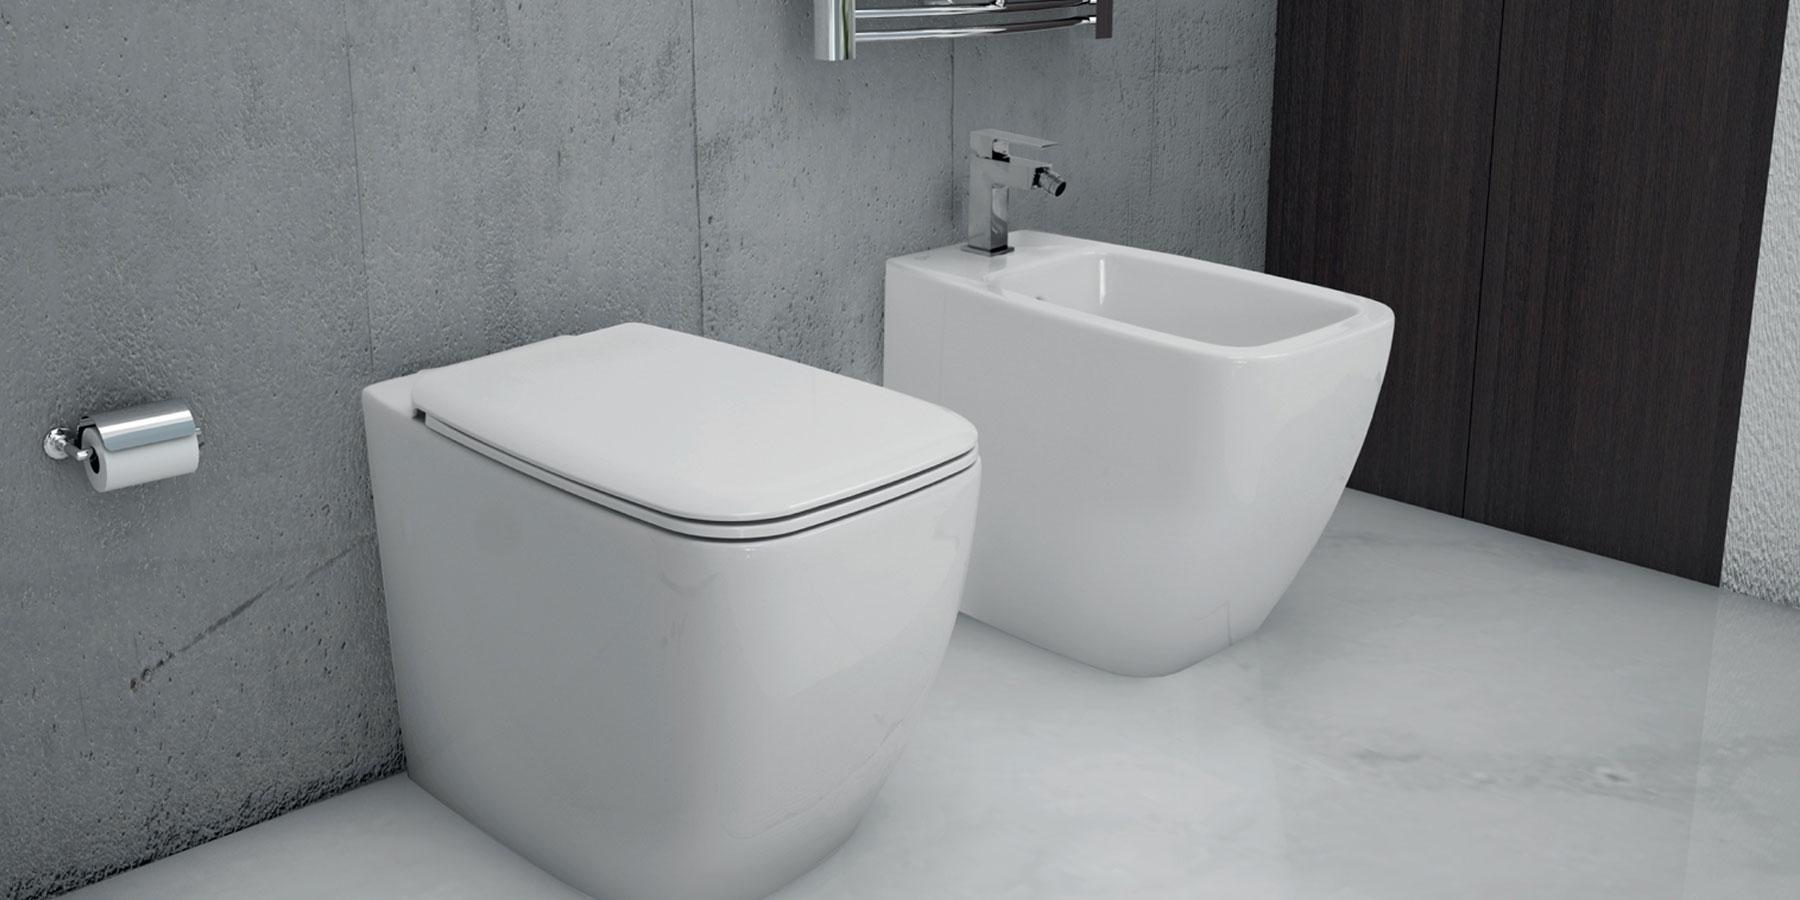 Accessori Da Bagno Ideal Standard.Sanitari Da Bagno Ideal Standard Tradizione Made In Italy